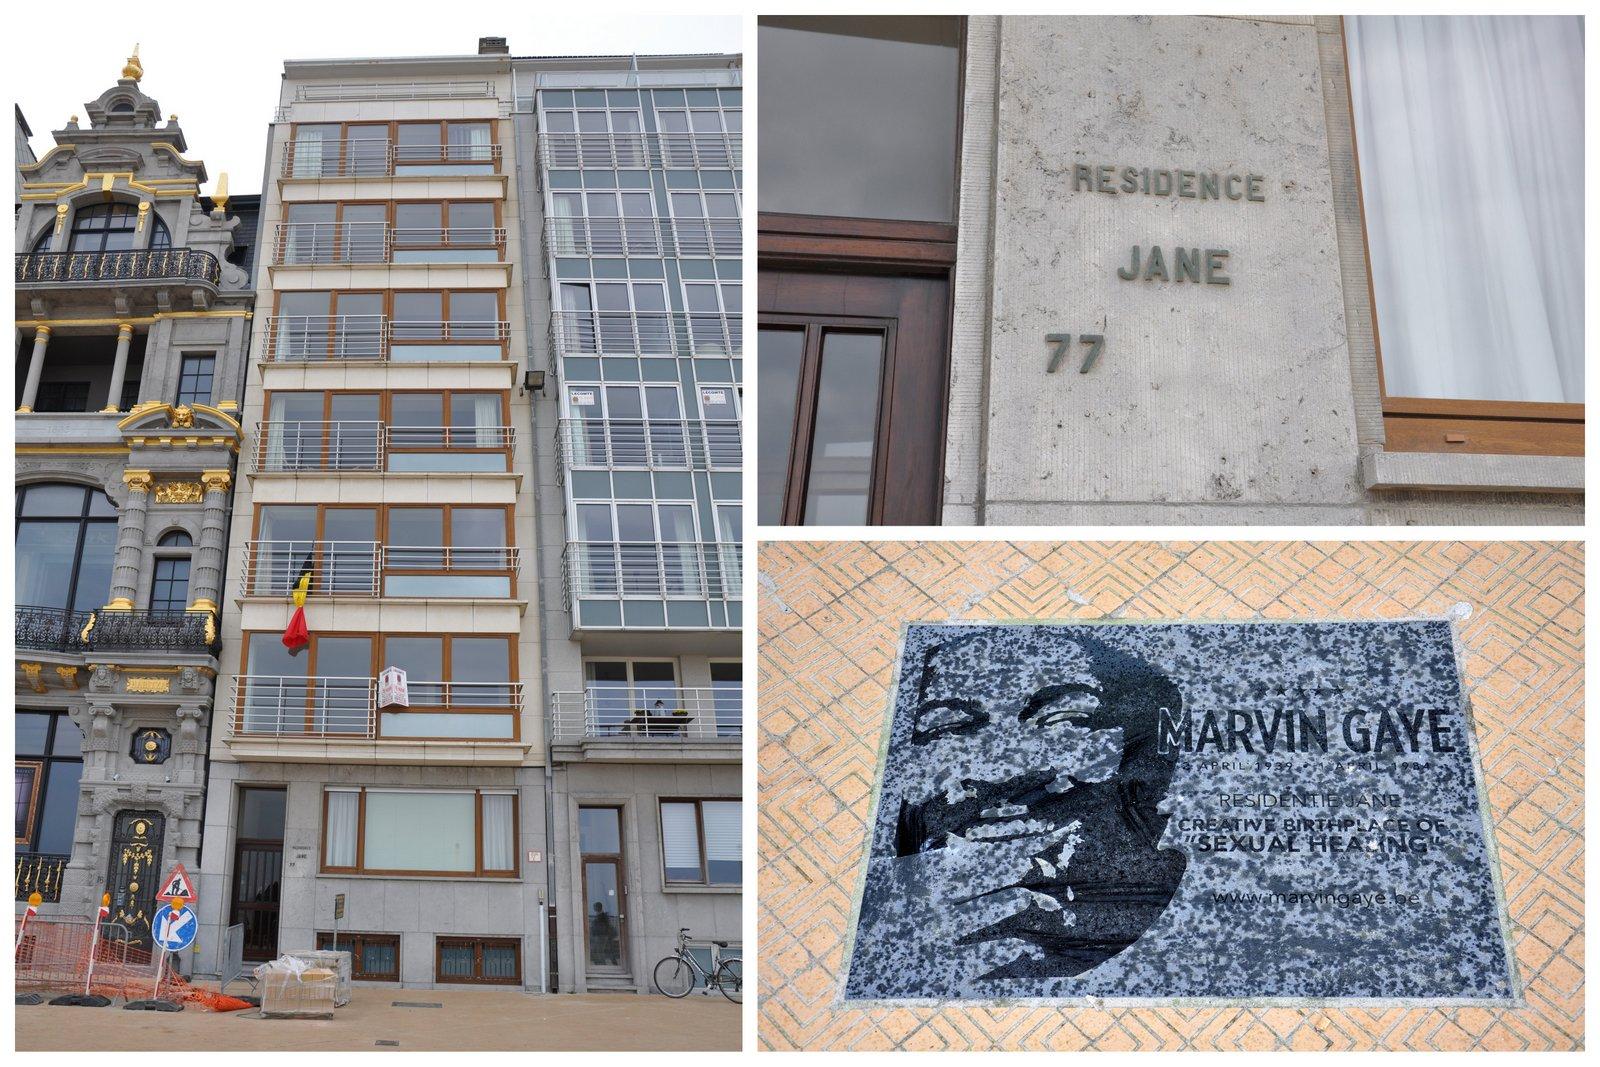 L'immeuble où Marvin Gaye a habité et composé Sexual Healing à Ostende